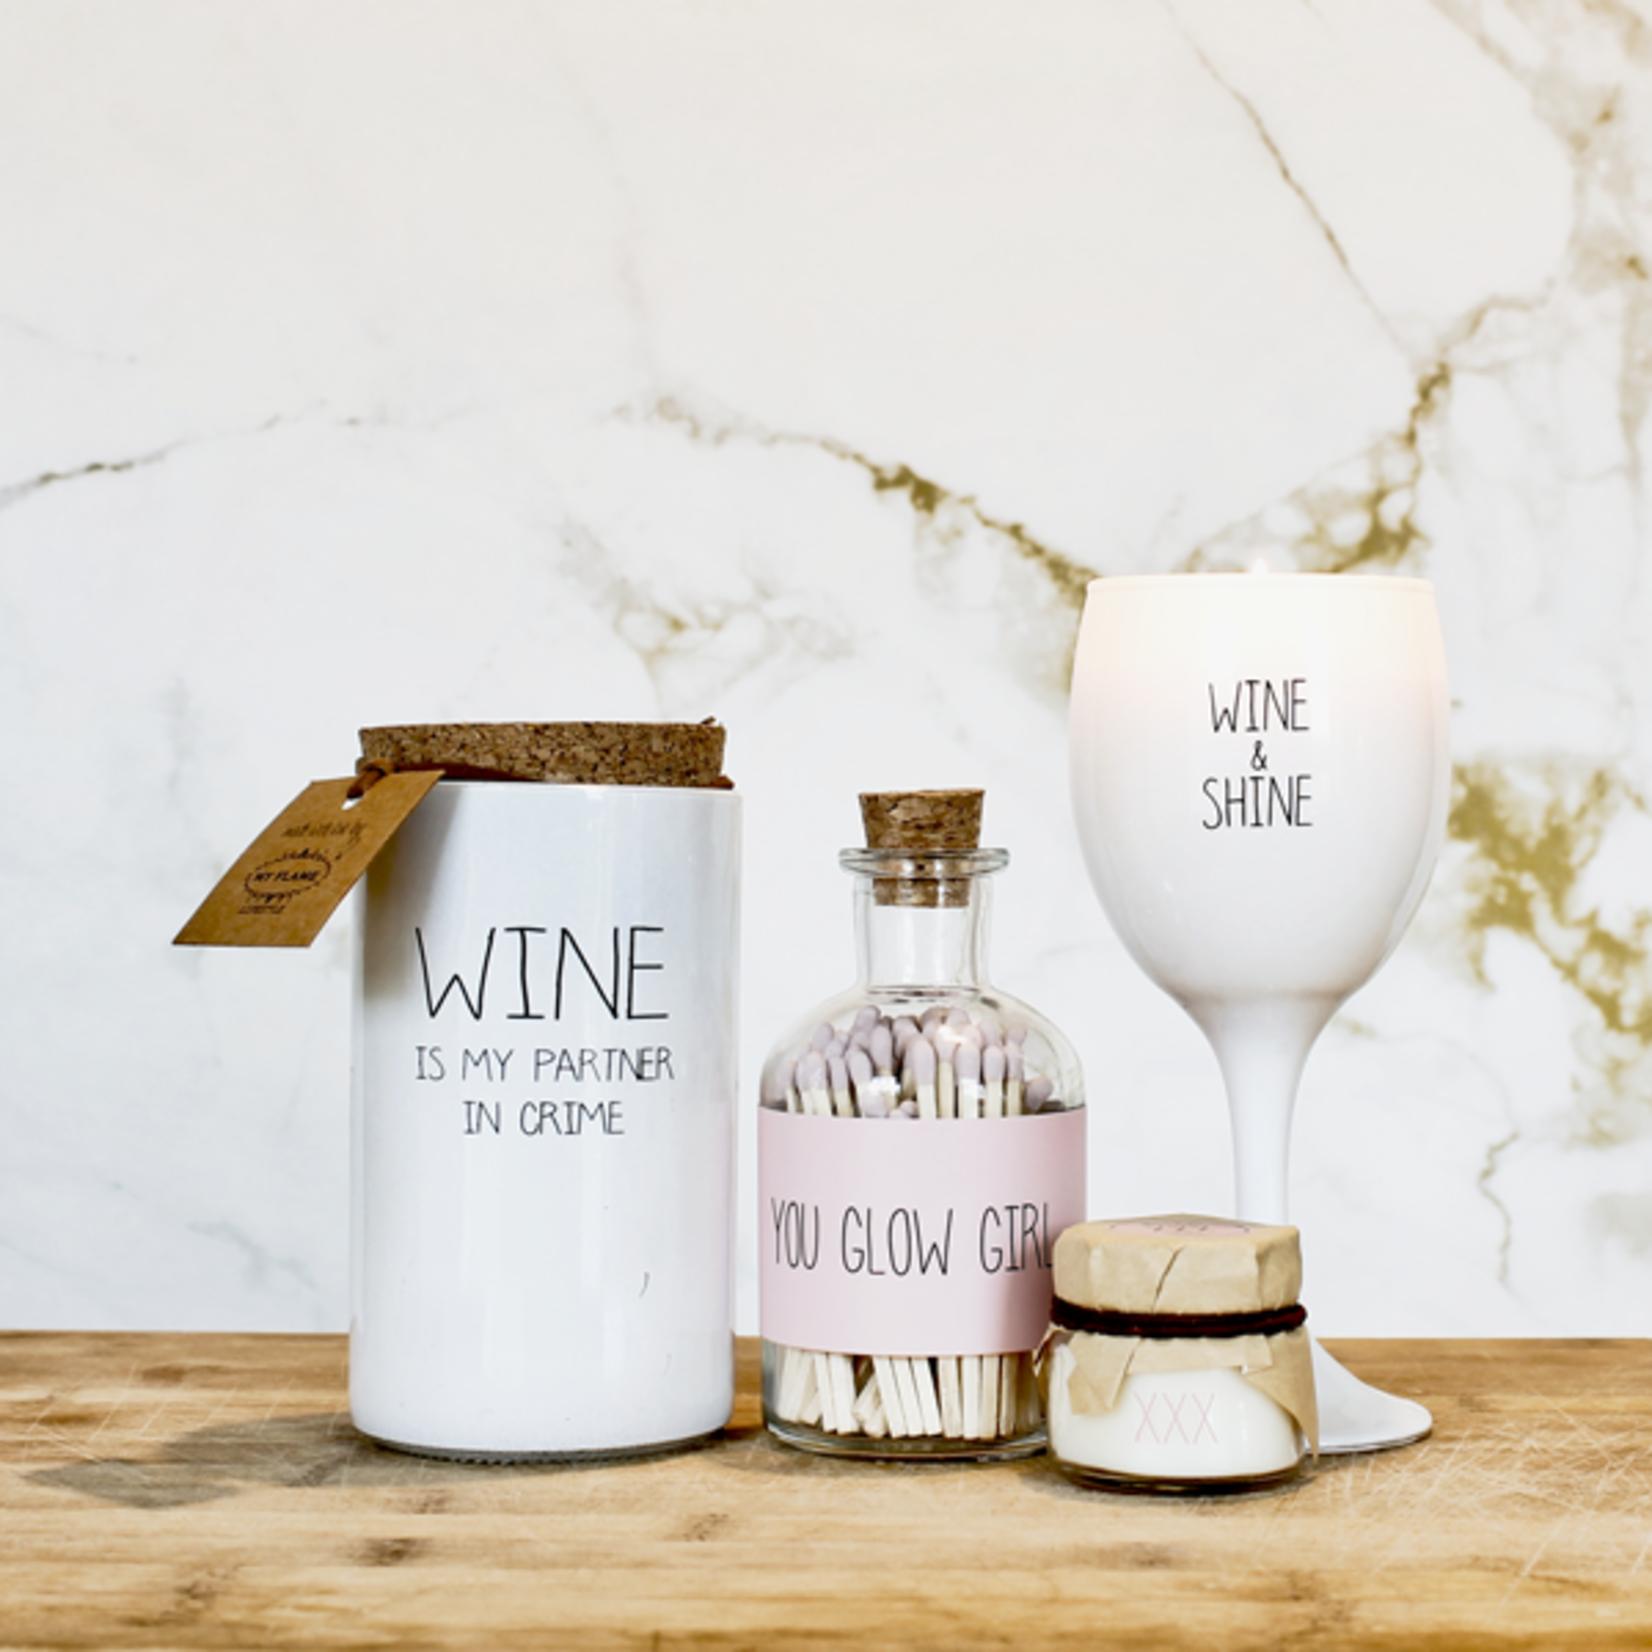 My Flame Sojakaars wijnglas - Wine & shine - Wit